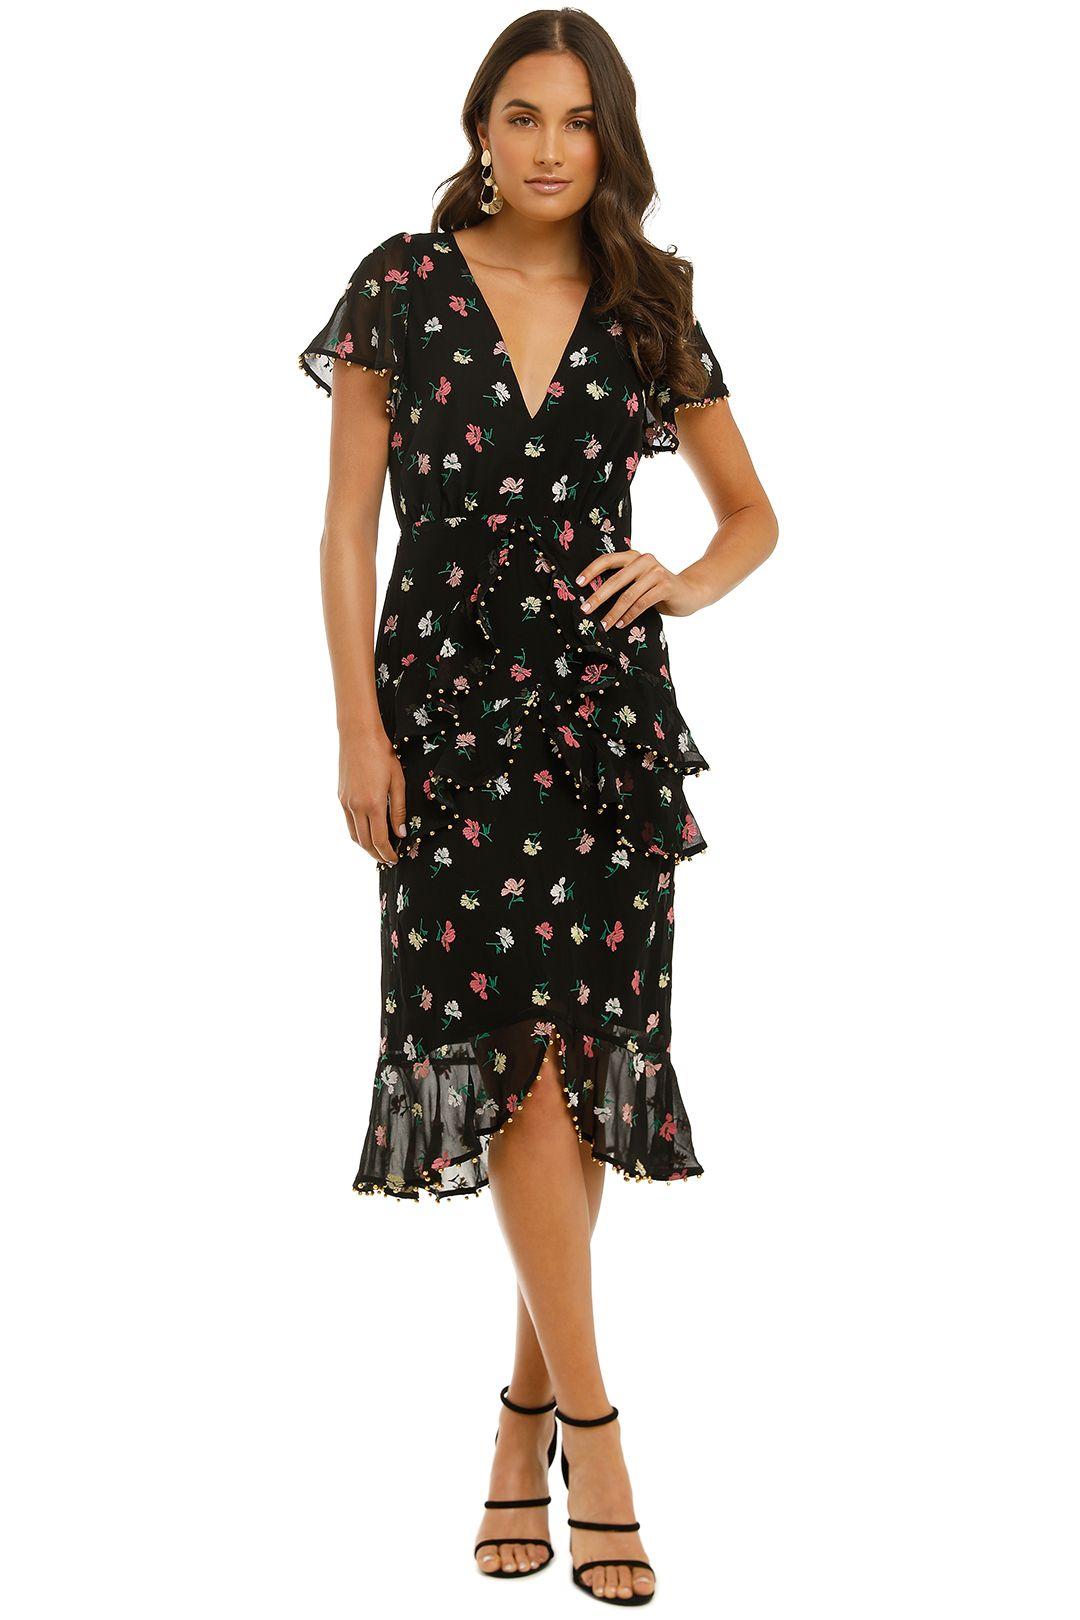 Talulah-Revival-Midi-Dress-Francessca-Floral-Front